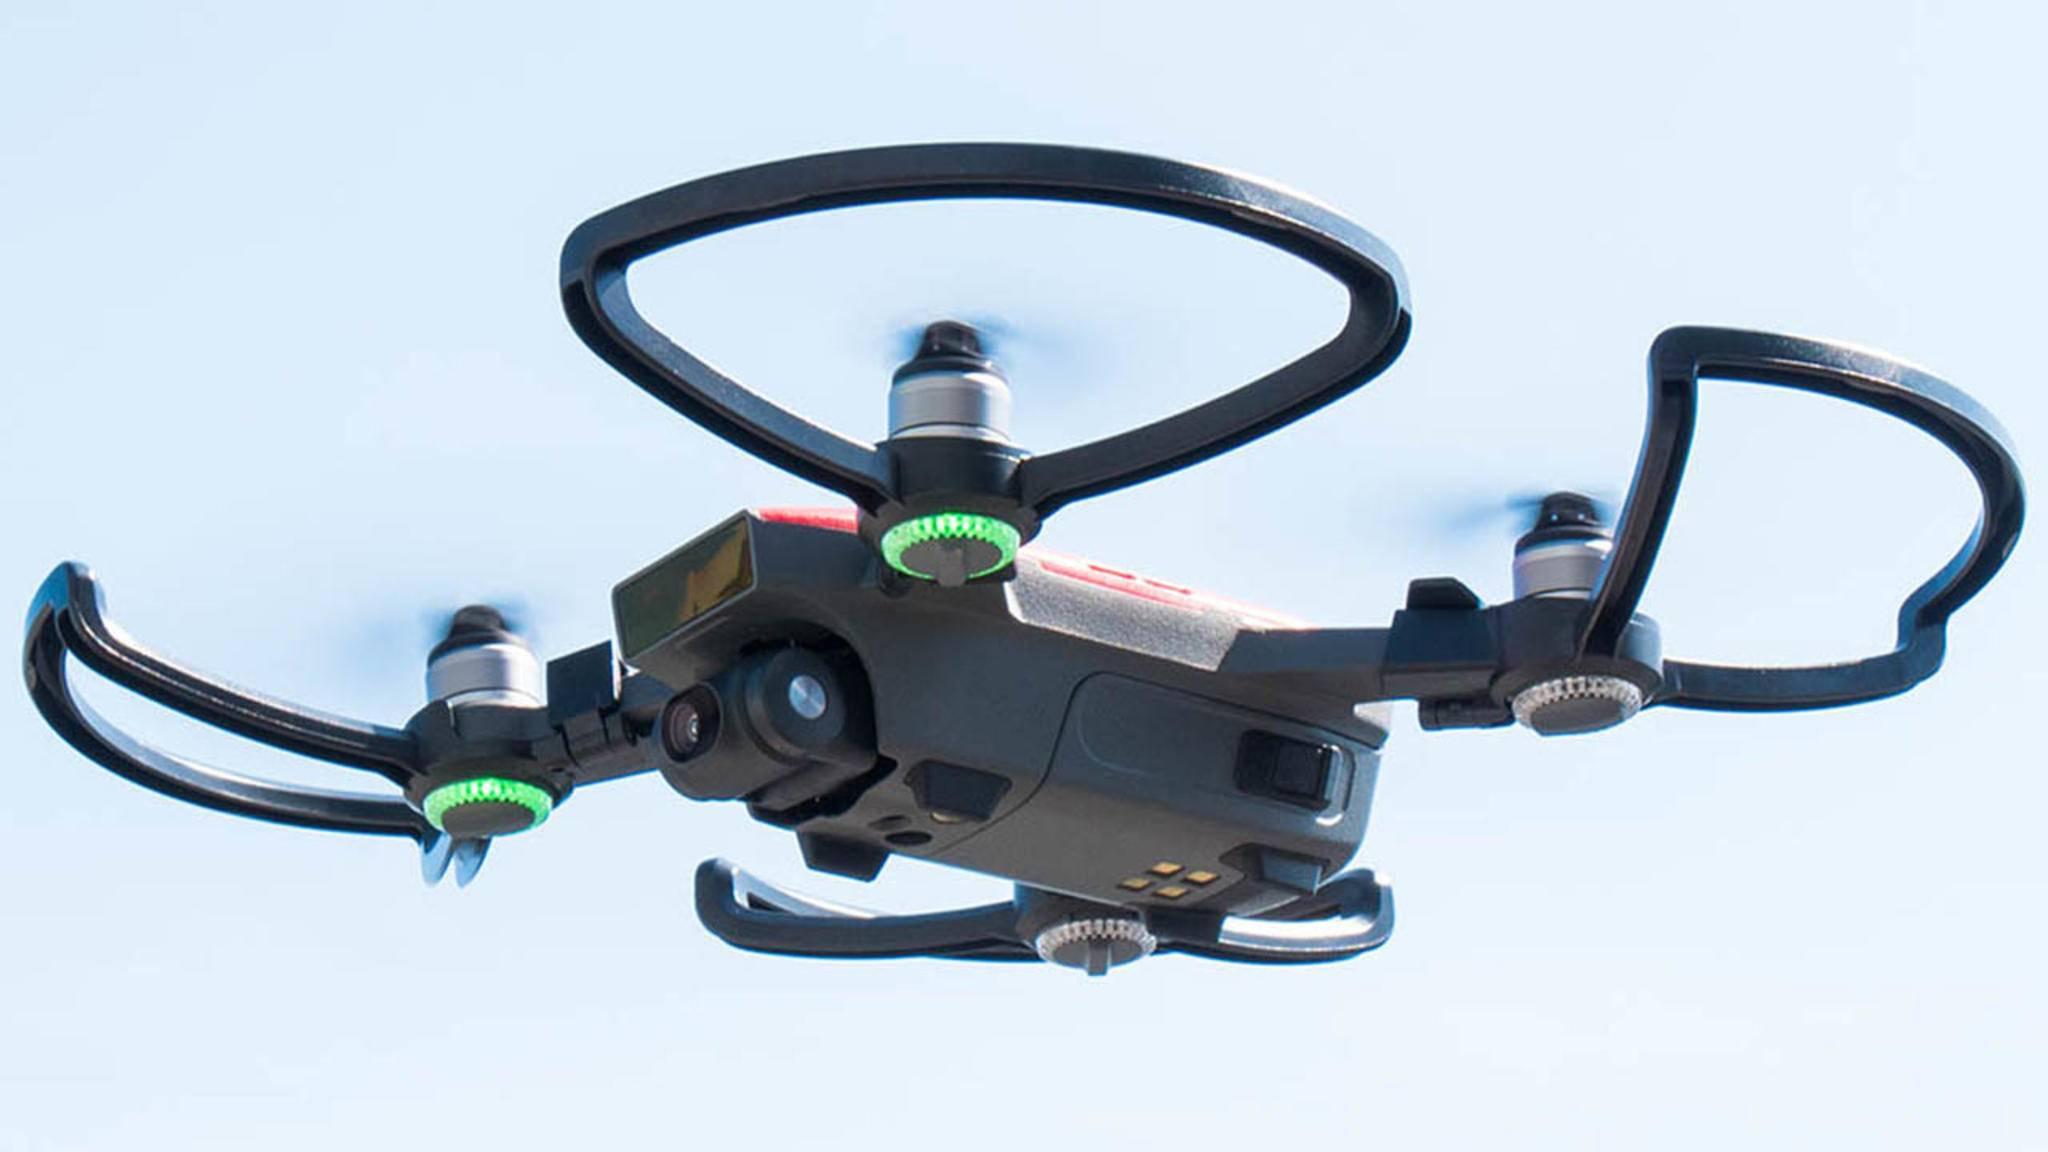 Die DJI Spark ist die ideale Drohne für Anfänger.